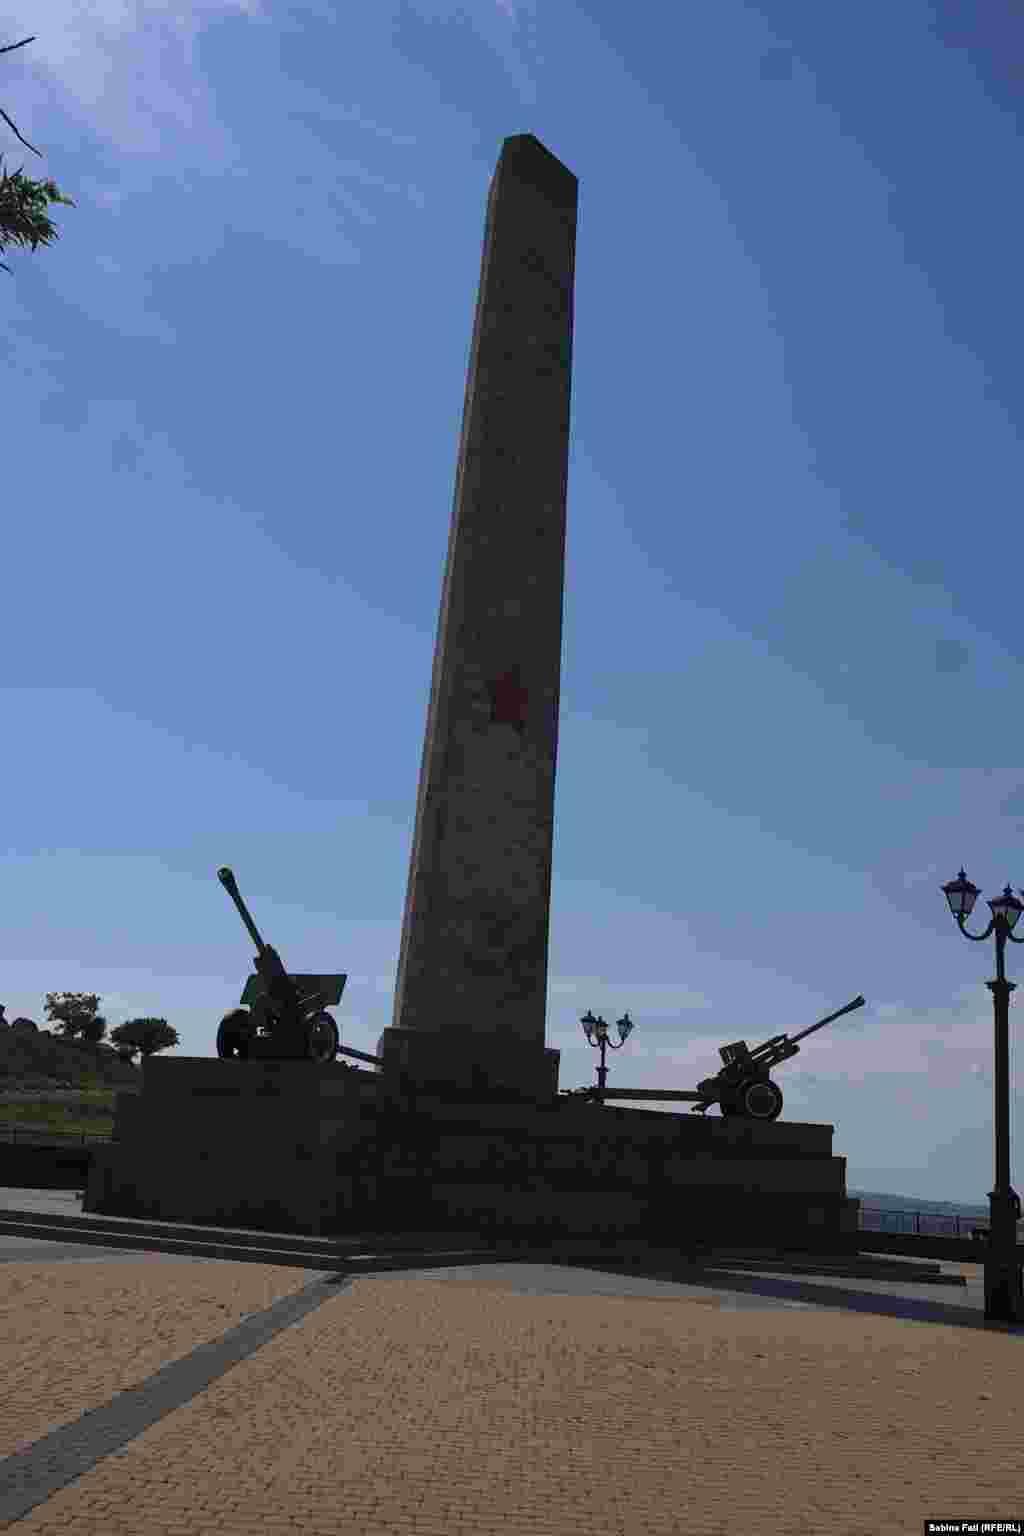 Обеліск слави. Радянський пам'ятник, відкритий у жовтні 1944 року. Присвячений військовим, які визволяли Крим від німецьких загарбників у роки Другої світової війни.